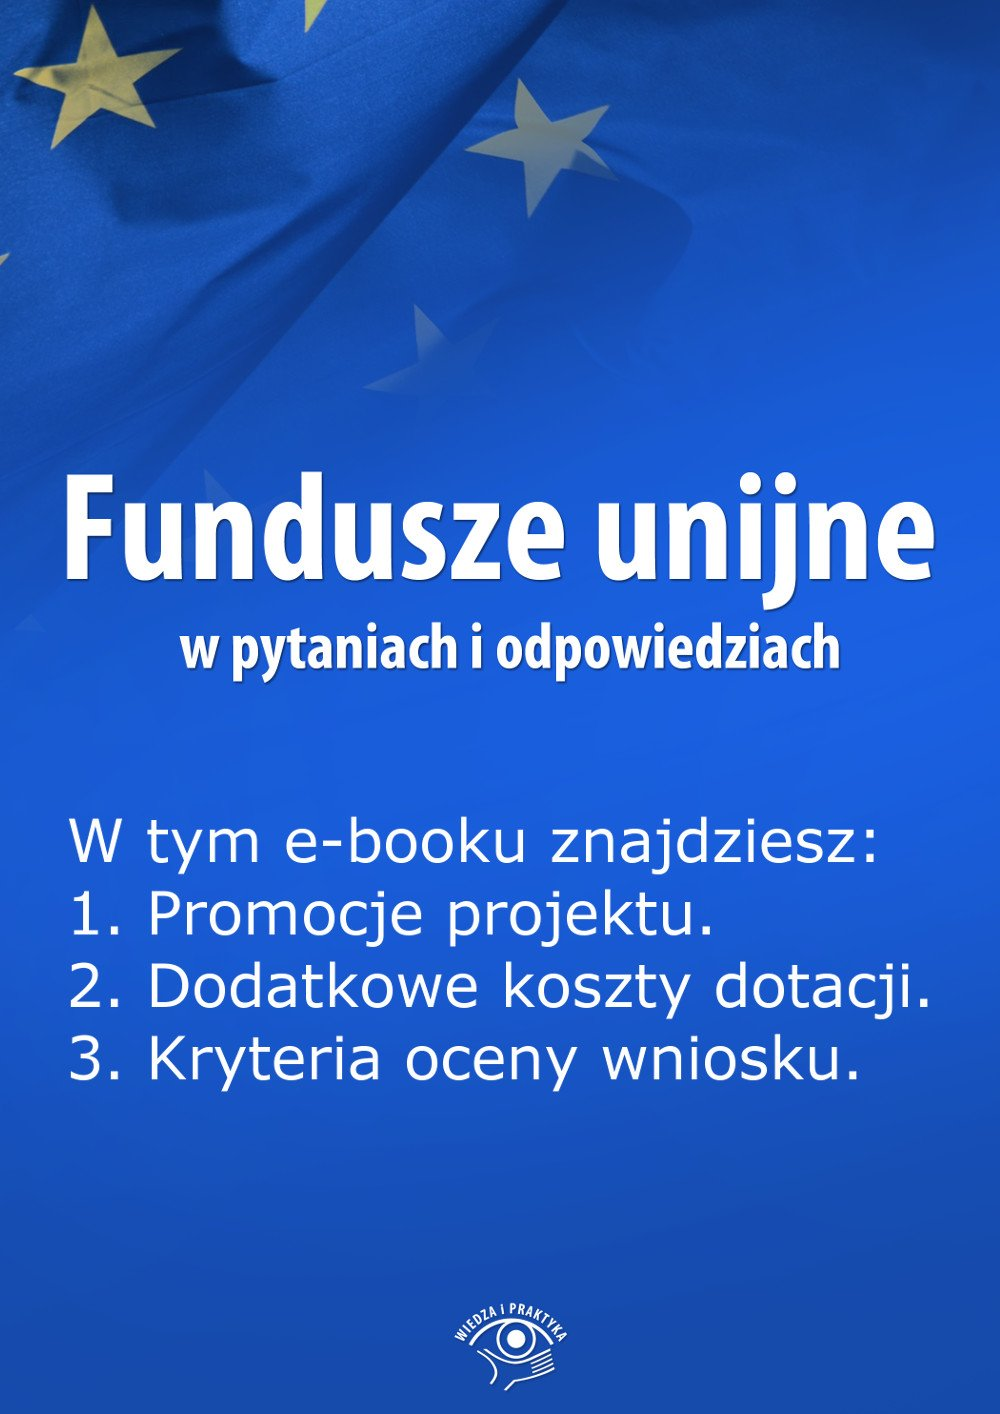 Fundusze unijne w pytaniach i odpowiedziach. Wydanie czerwiec 2014 r. - Ebook (Książka EPUB) do pobrania w formacie EPUB